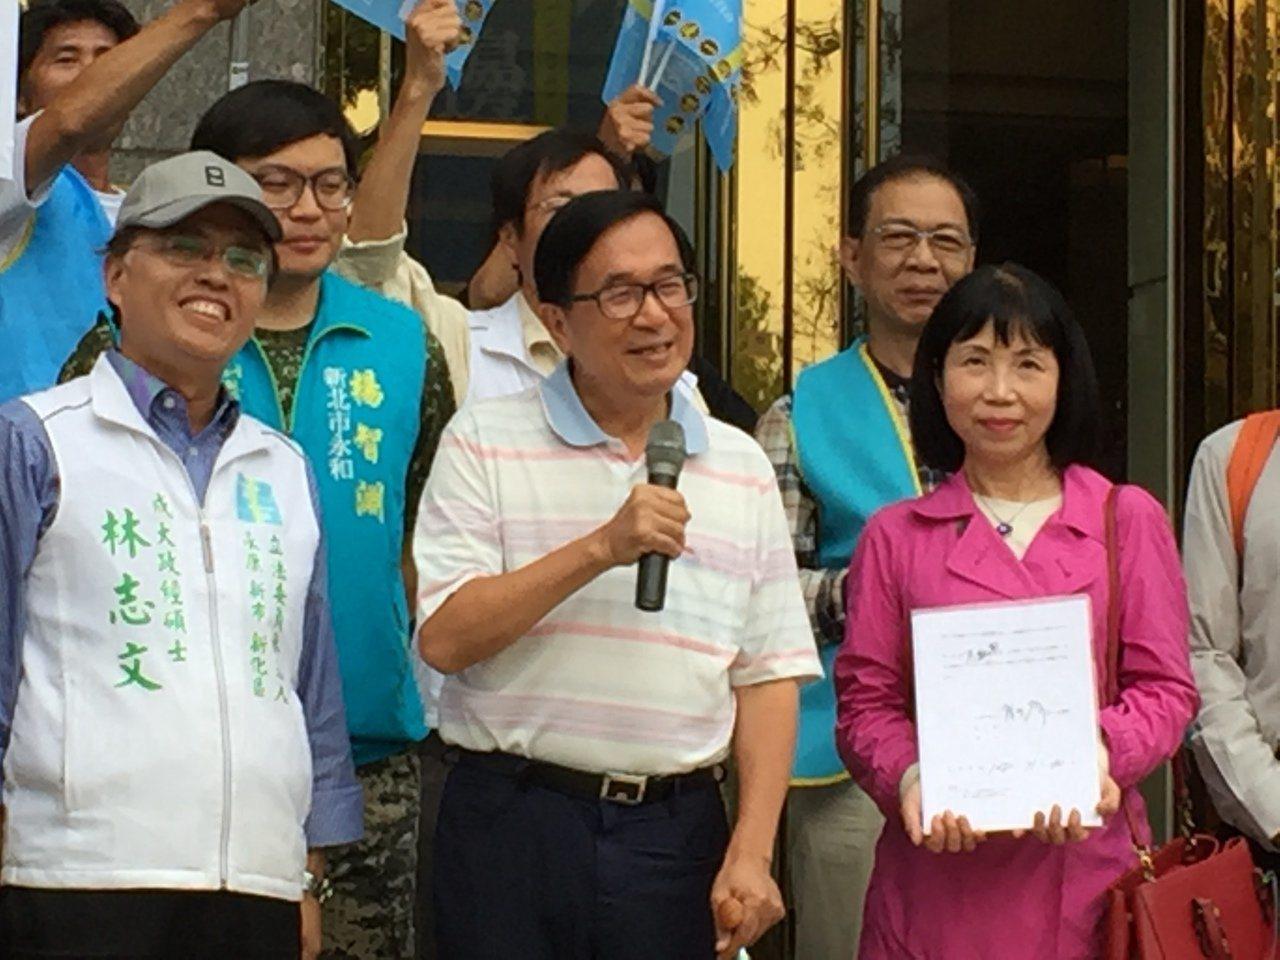 前總統陳水扁(前中)簽署同意「一邊一國行動黨」將他列名不分區立委參選人,並在住家...